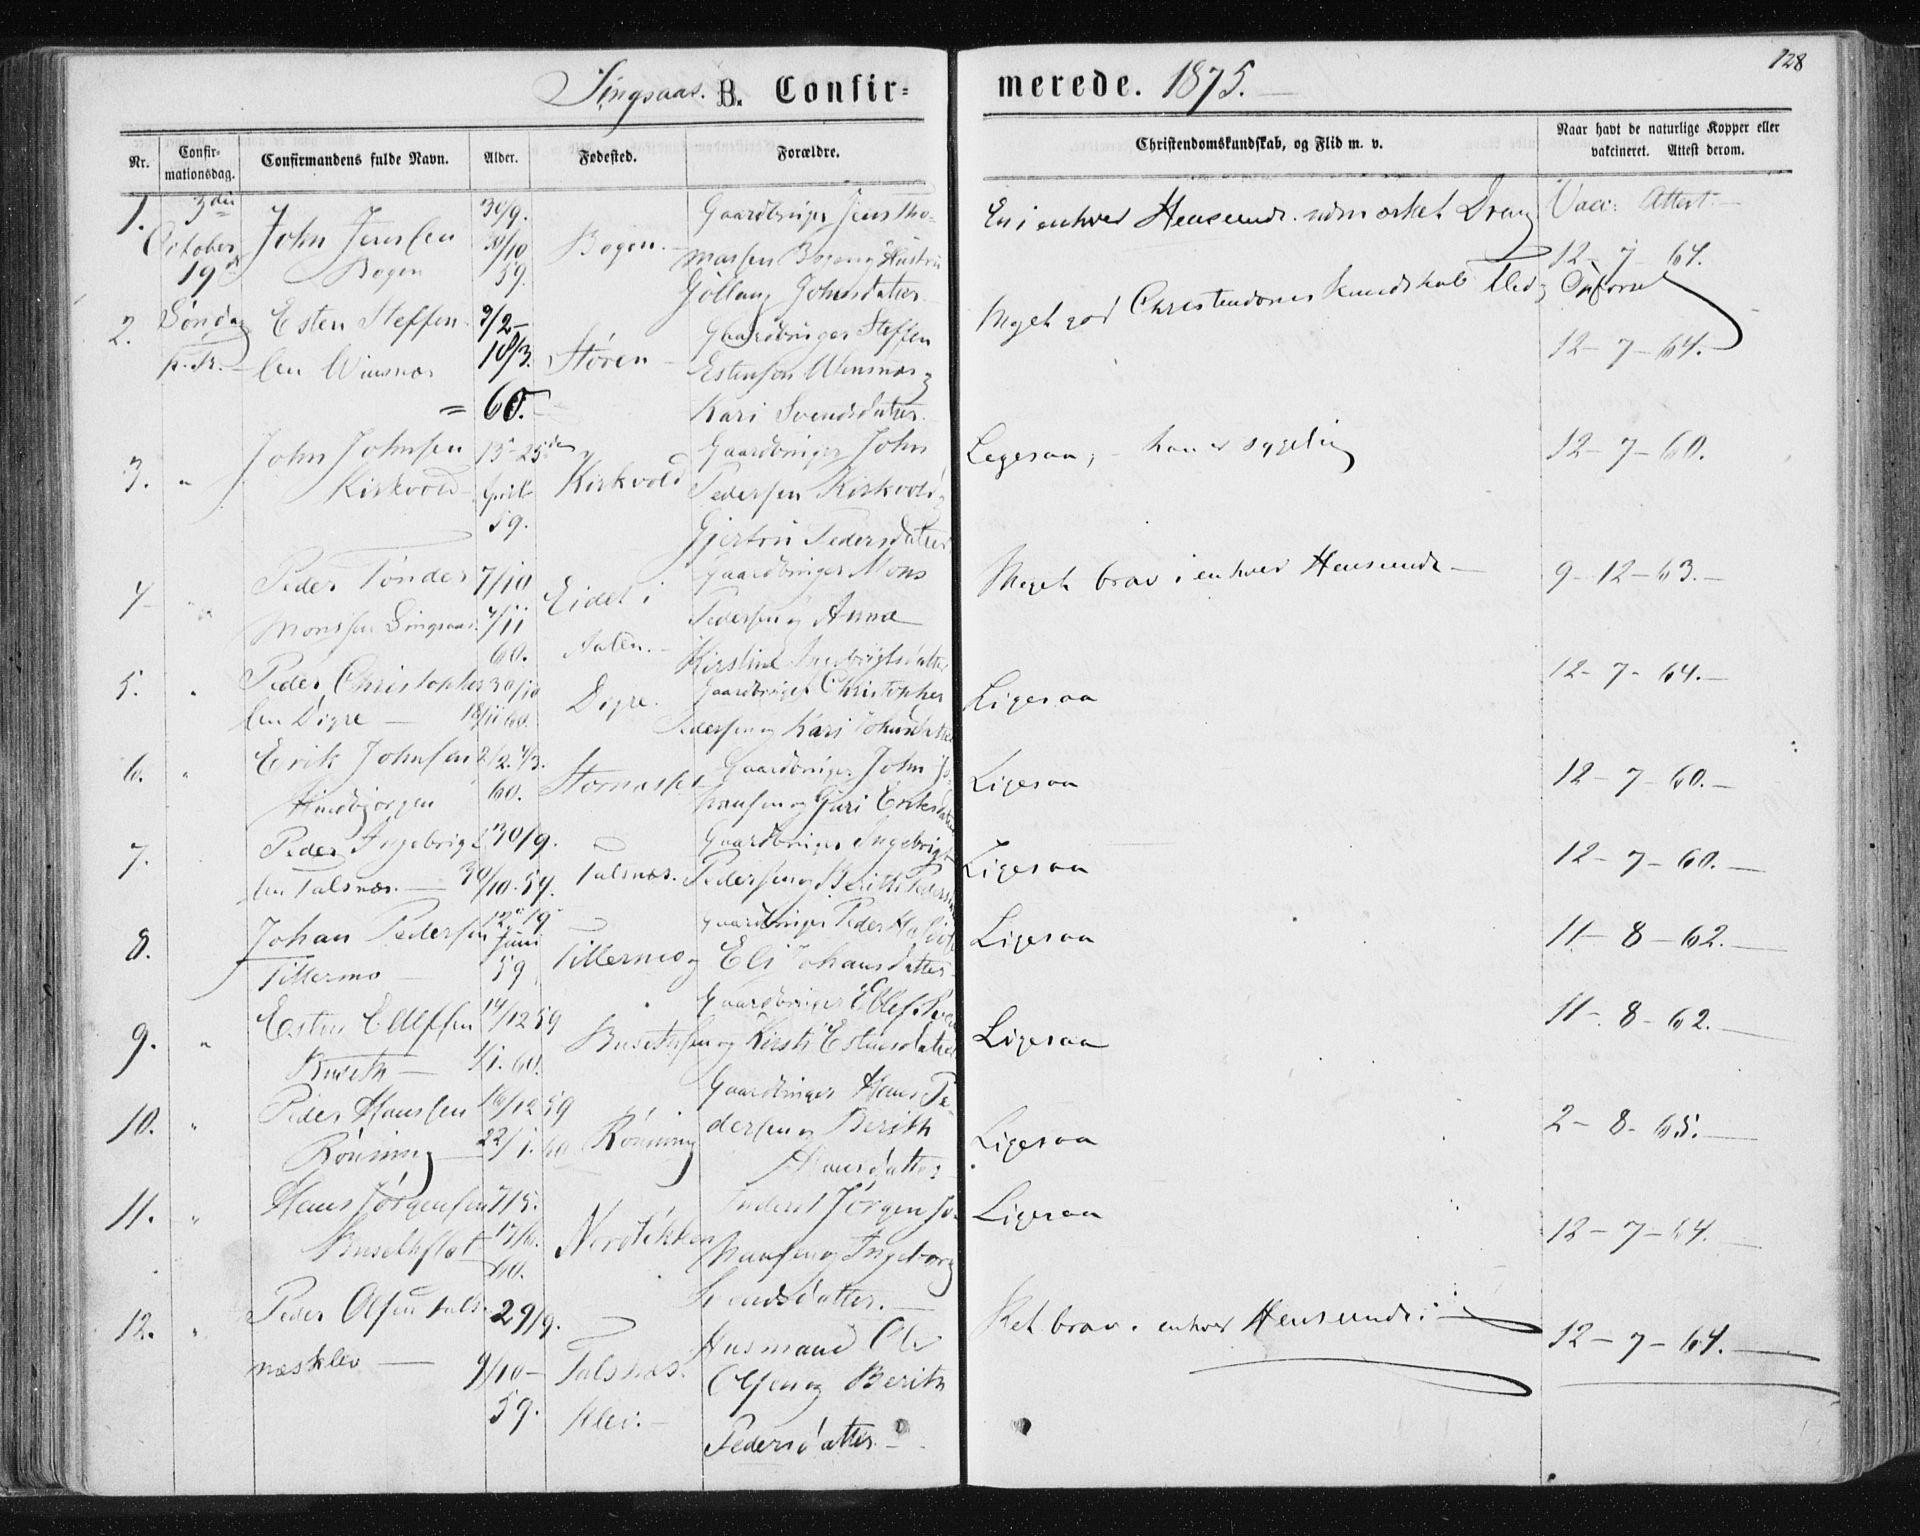 SAT, Ministerialprotokoller, klokkerbøker og fødselsregistre - Sør-Trøndelag, 685/L0970: Ministerialbok nr. 685A08 /2, 1870-1878, s. 128